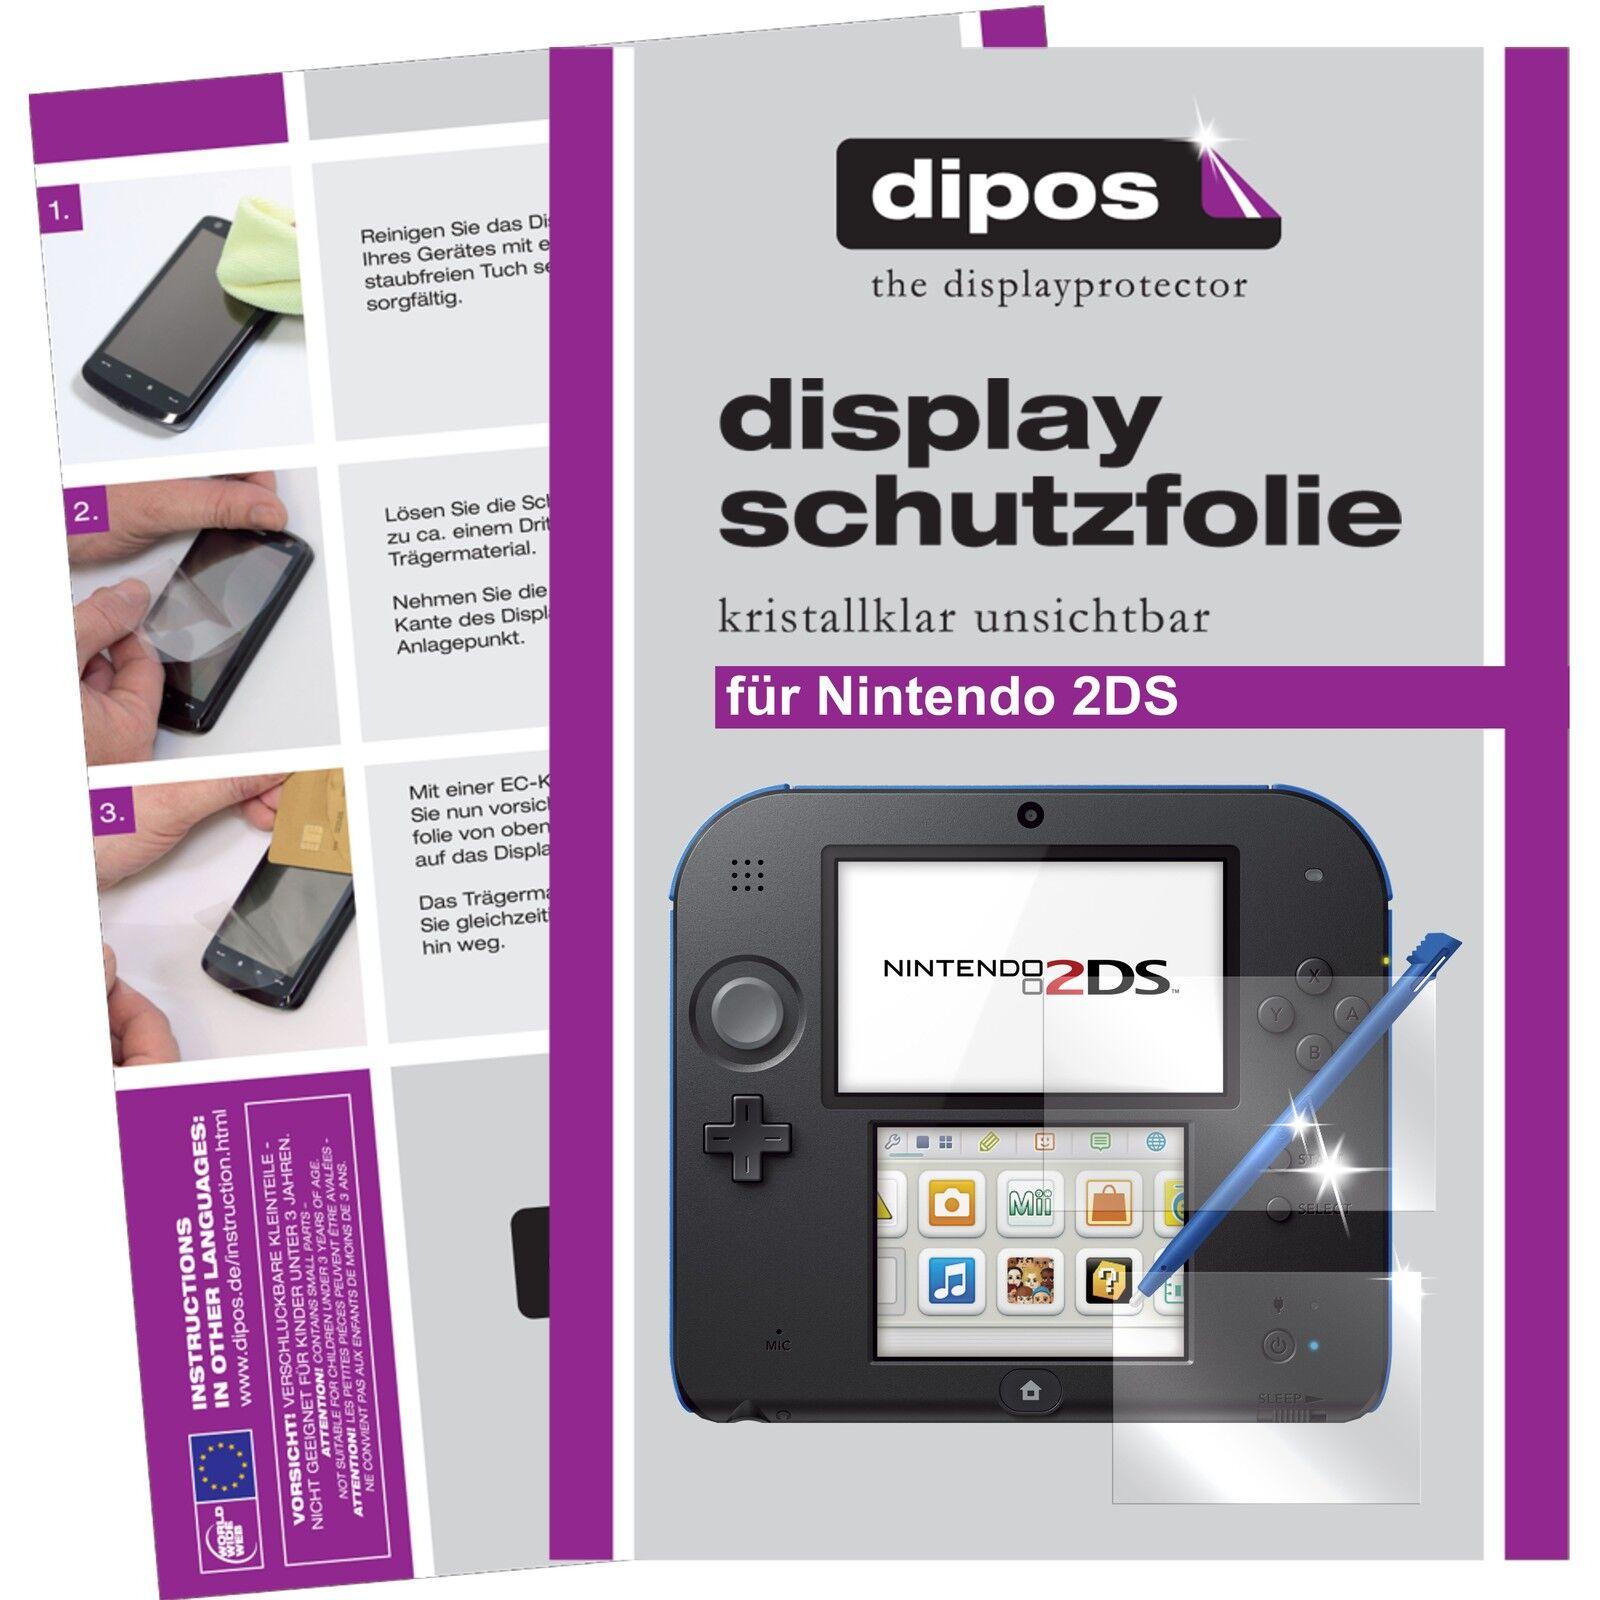 Nintendo 2DS Schutzfolie klar Displayschutzfolie Folie dipos Displayfolie